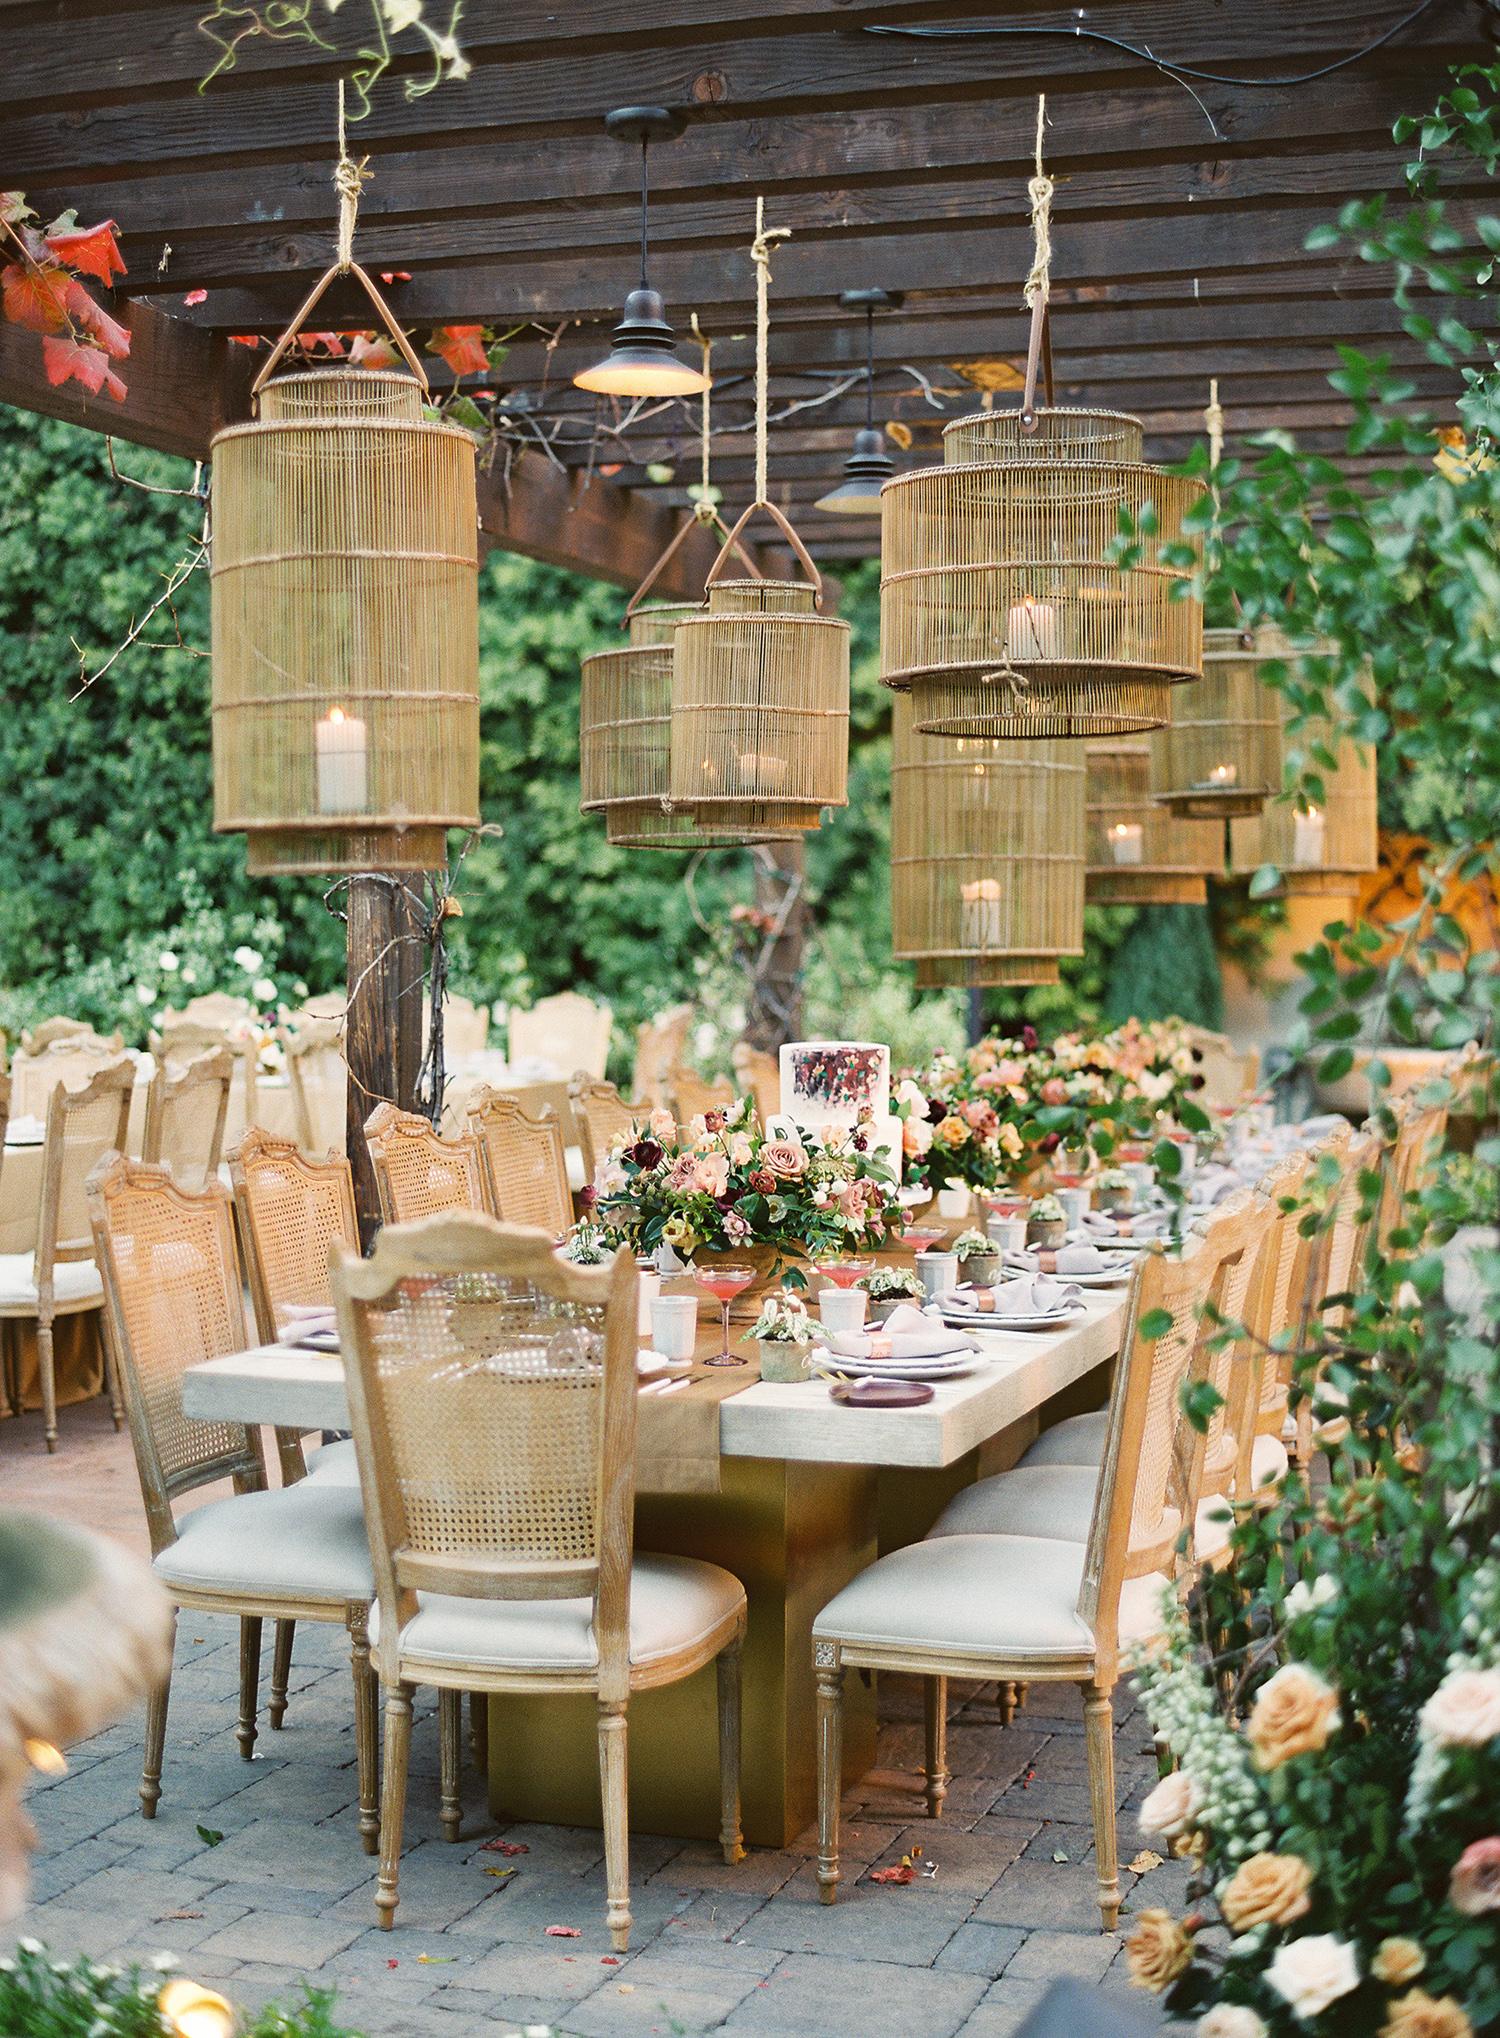 brooke dalton wedding reception table hanging lanterns